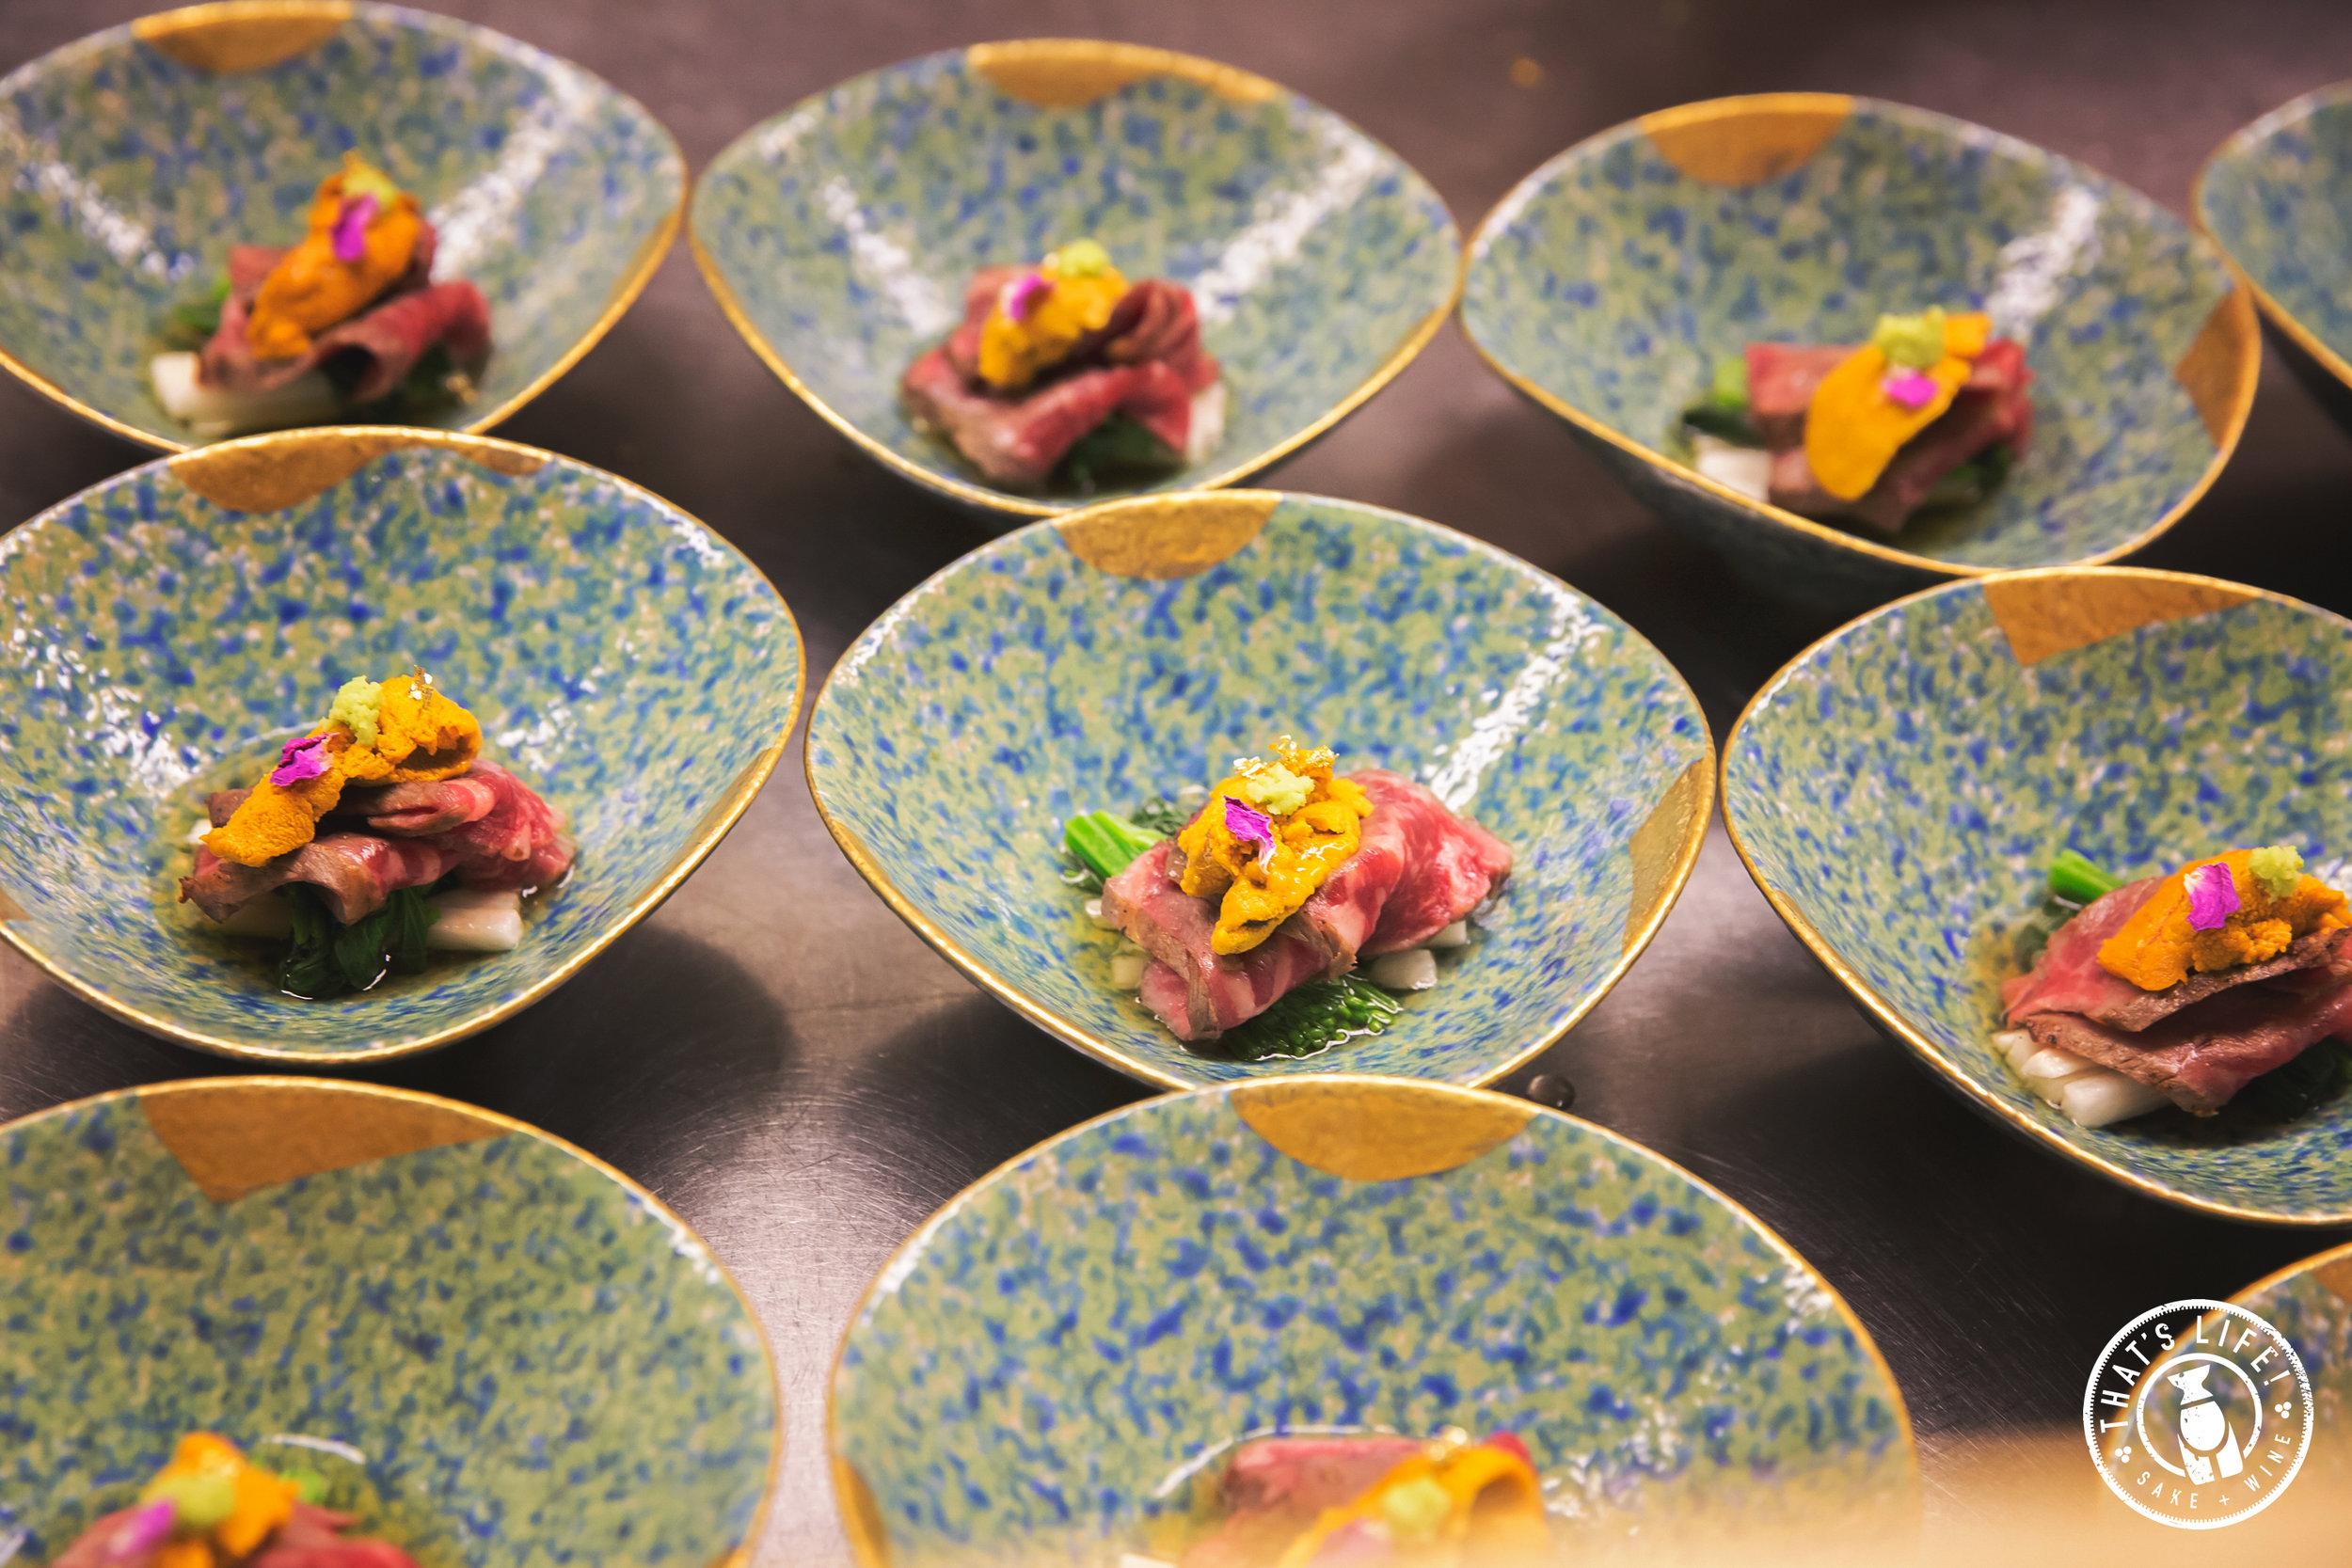 Yuwa Dinner Images-7.jpg